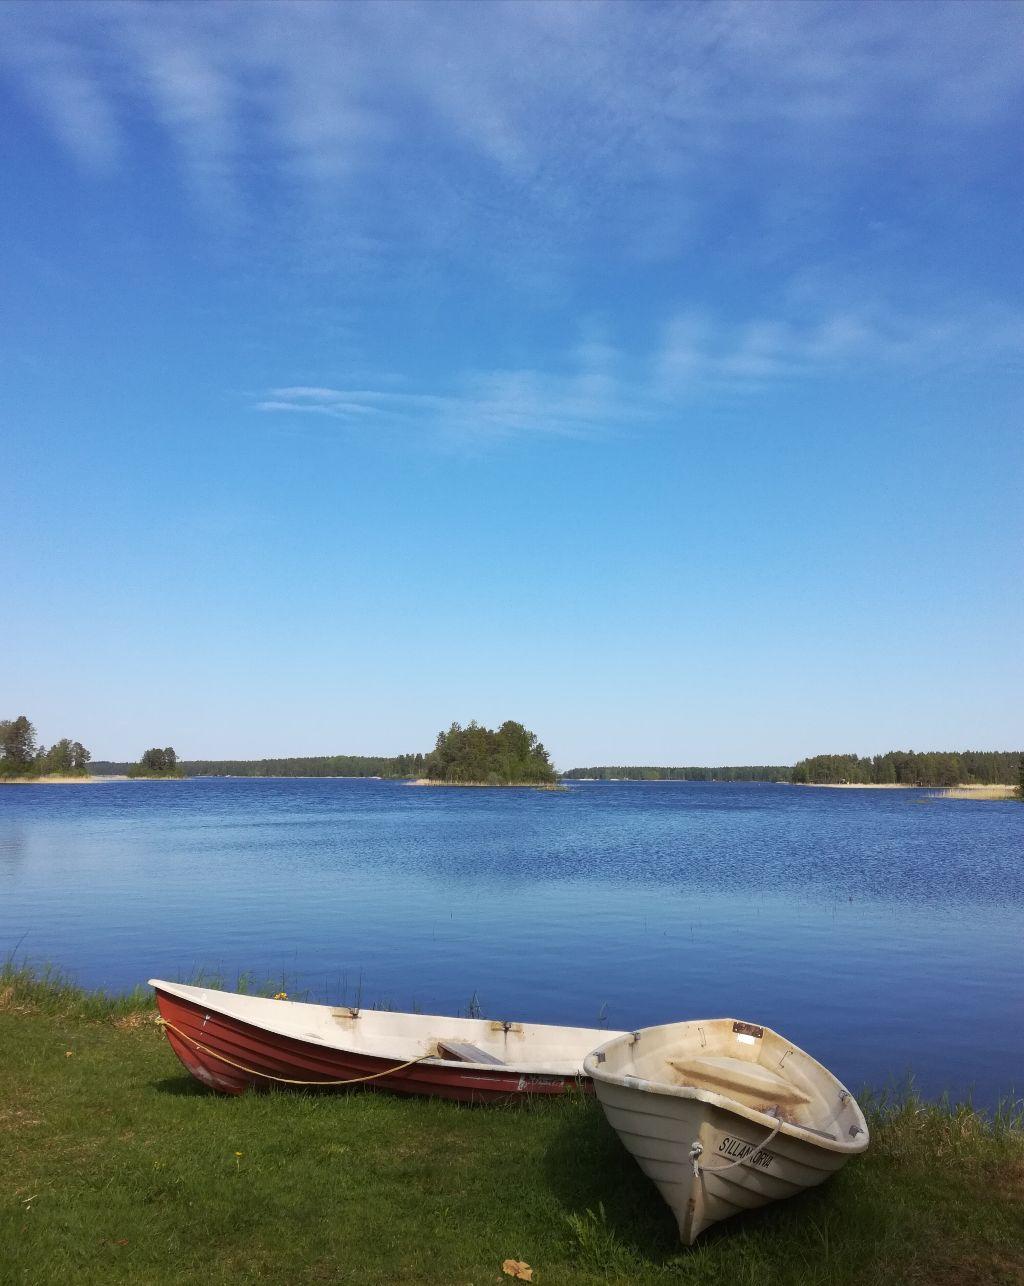 Location: Sillankorvan Leirintäalue